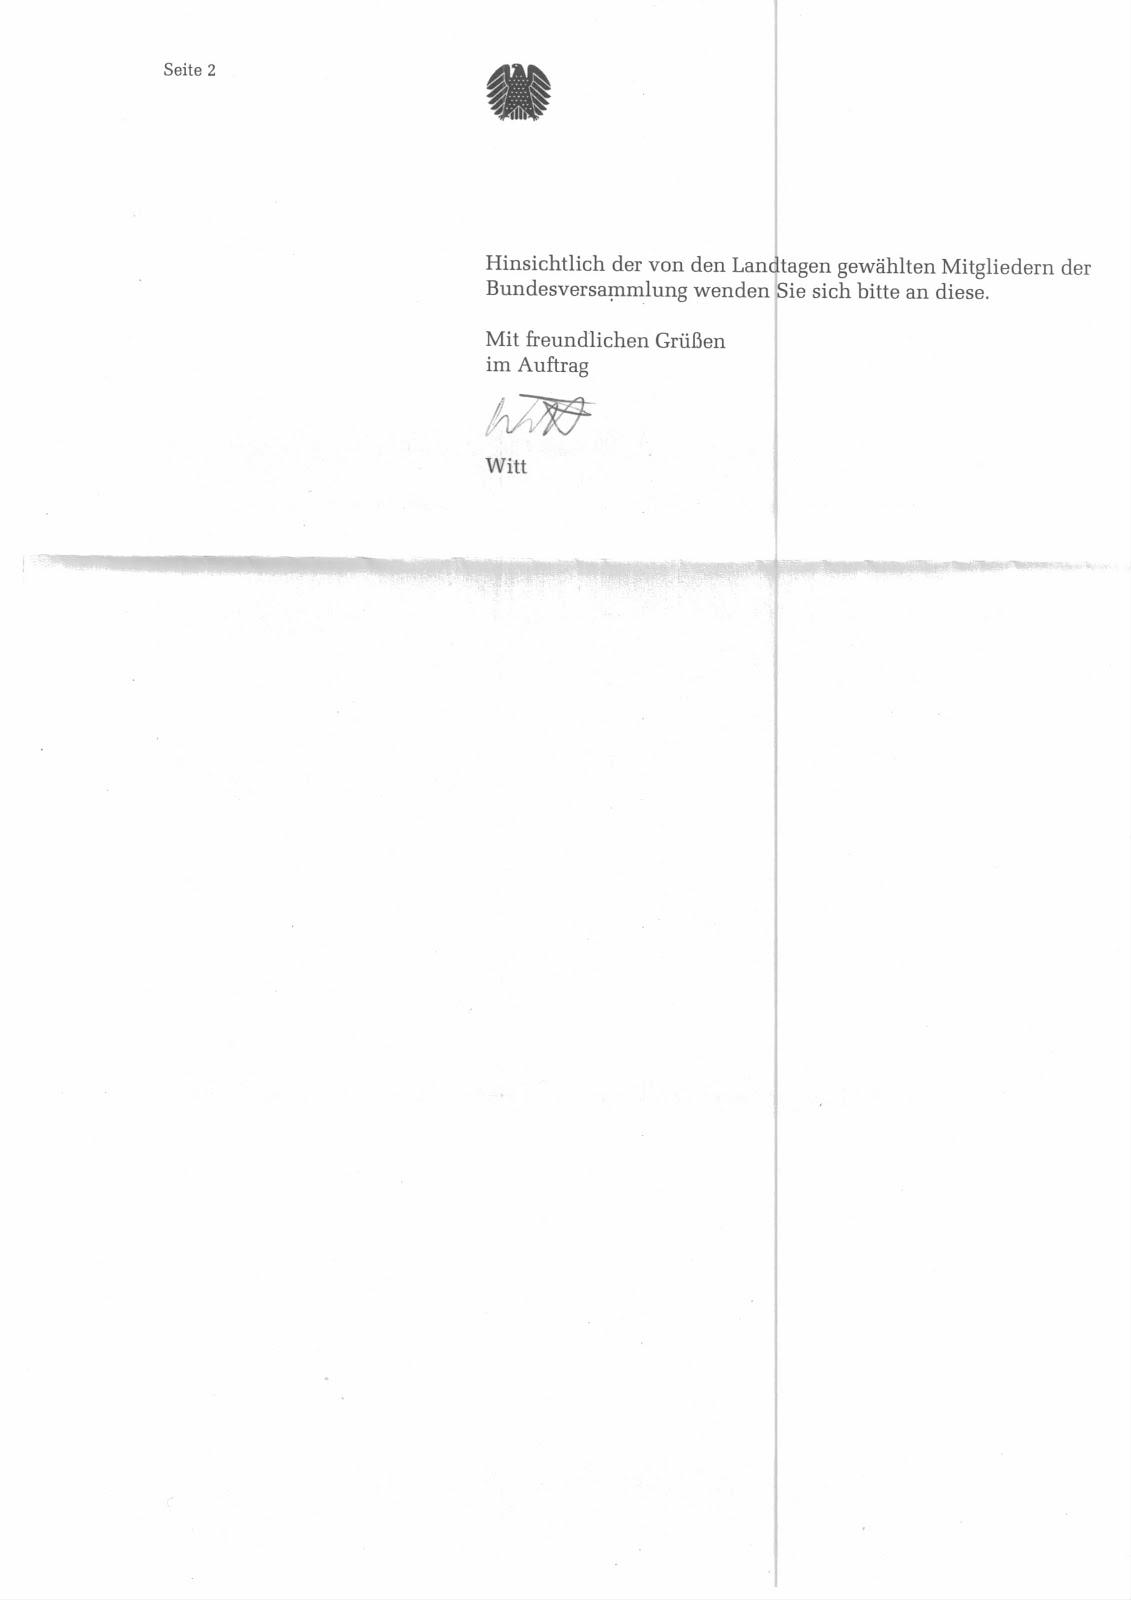 Deutscher Bundestag Grundgesetz Sieht Keine Direktwahl Des